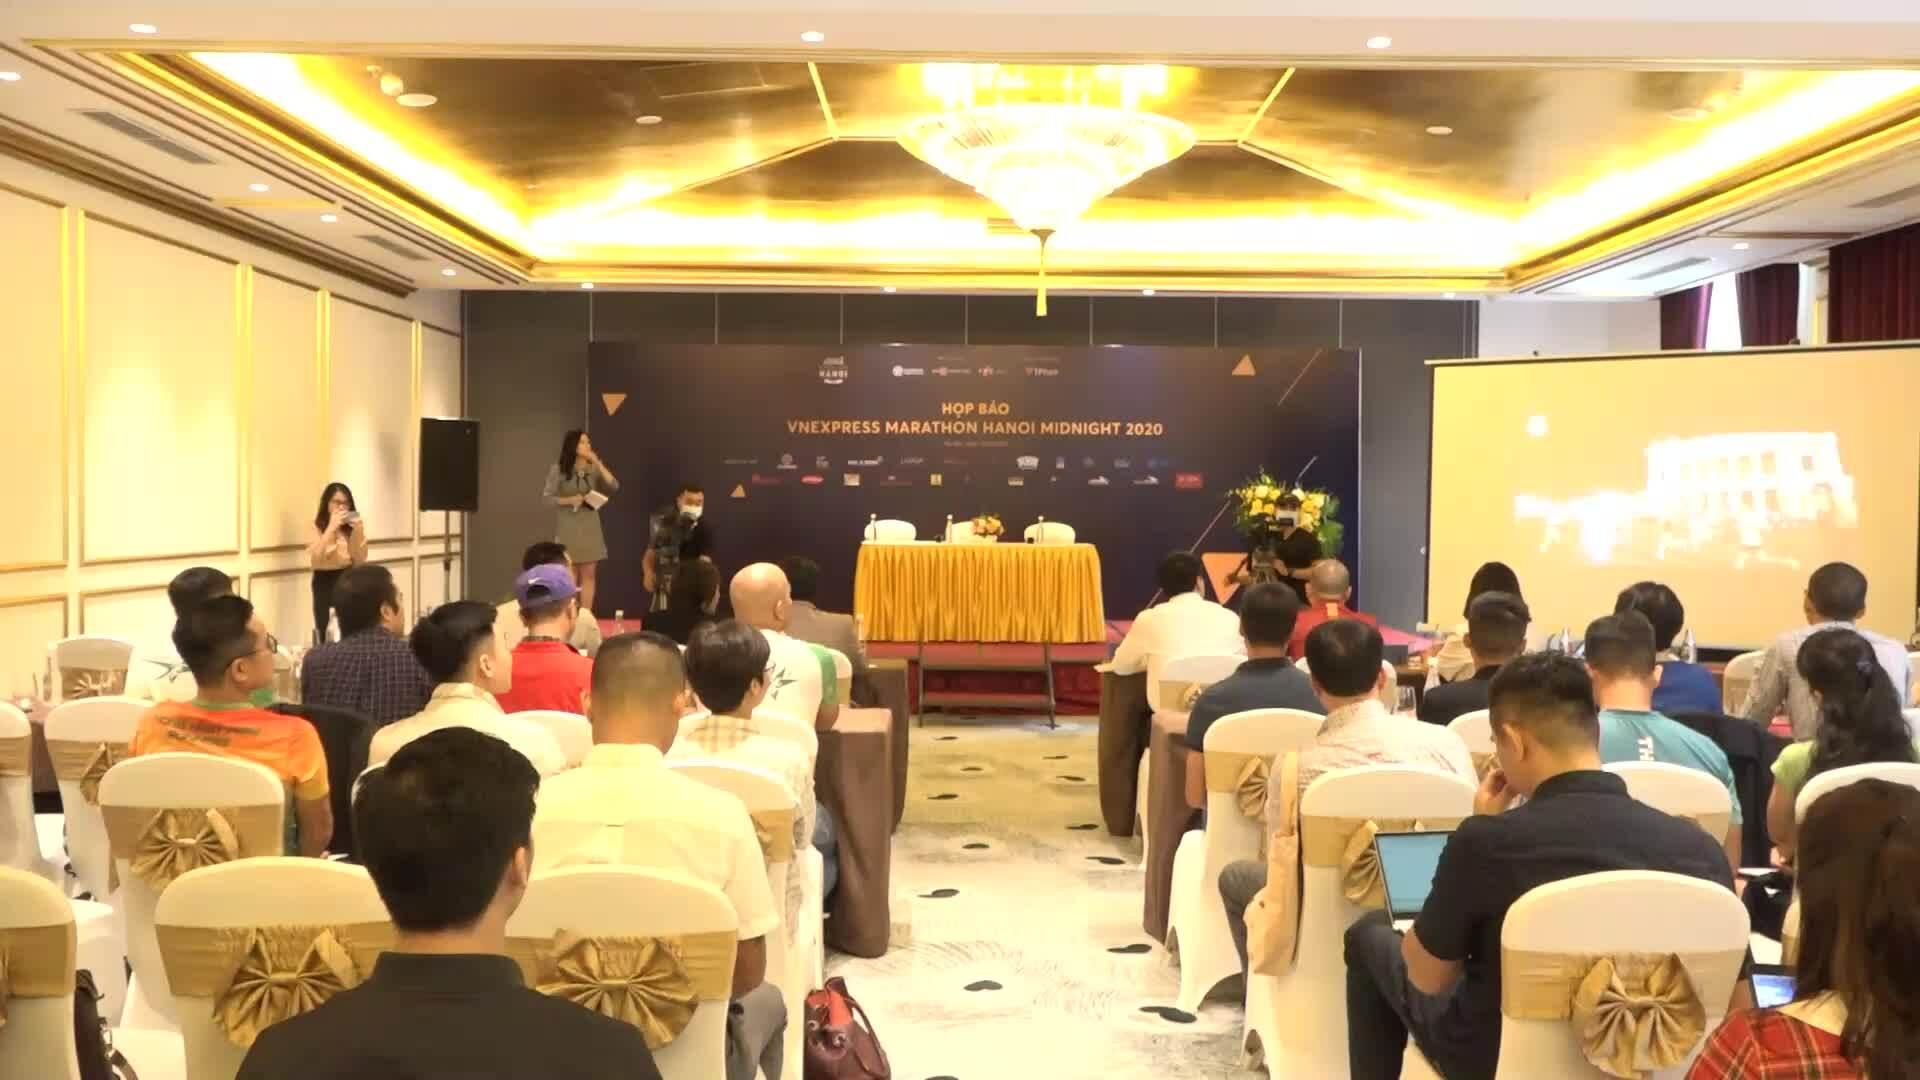 VnExpress Marathon Hanoi Midnight lan tỏa tinh thần thể thao